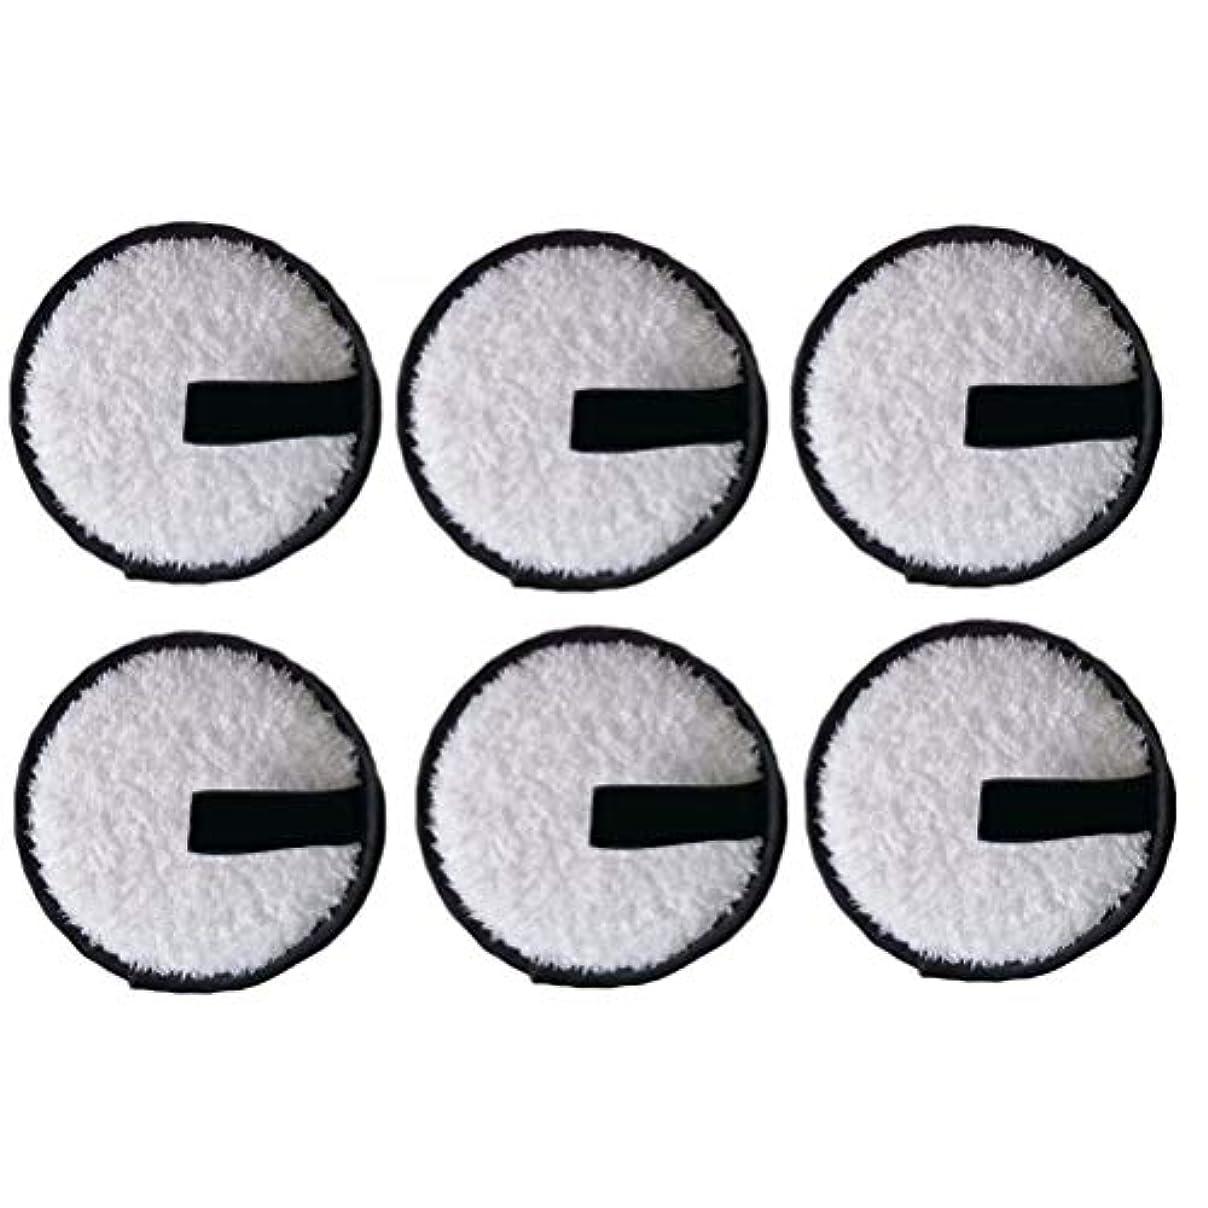 衣装精神練るFrcolor メイクアップパフ クレンジングパフ メイク落とし圧縮パッド 6本(黒)